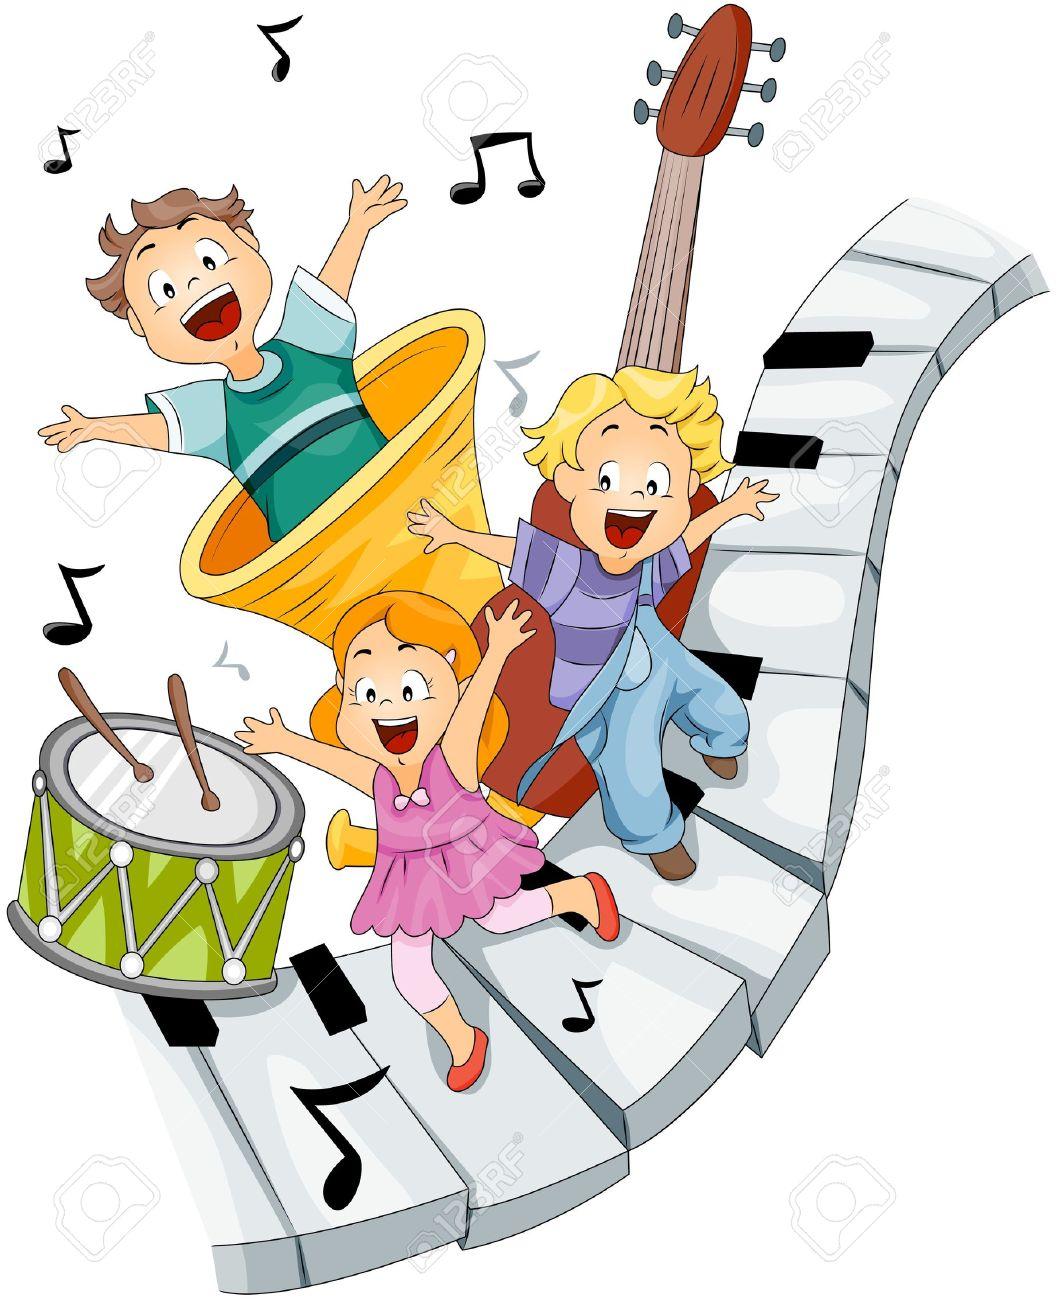 Bambini Con Strumenti Musicali Foto Royalty Free, Immagini.